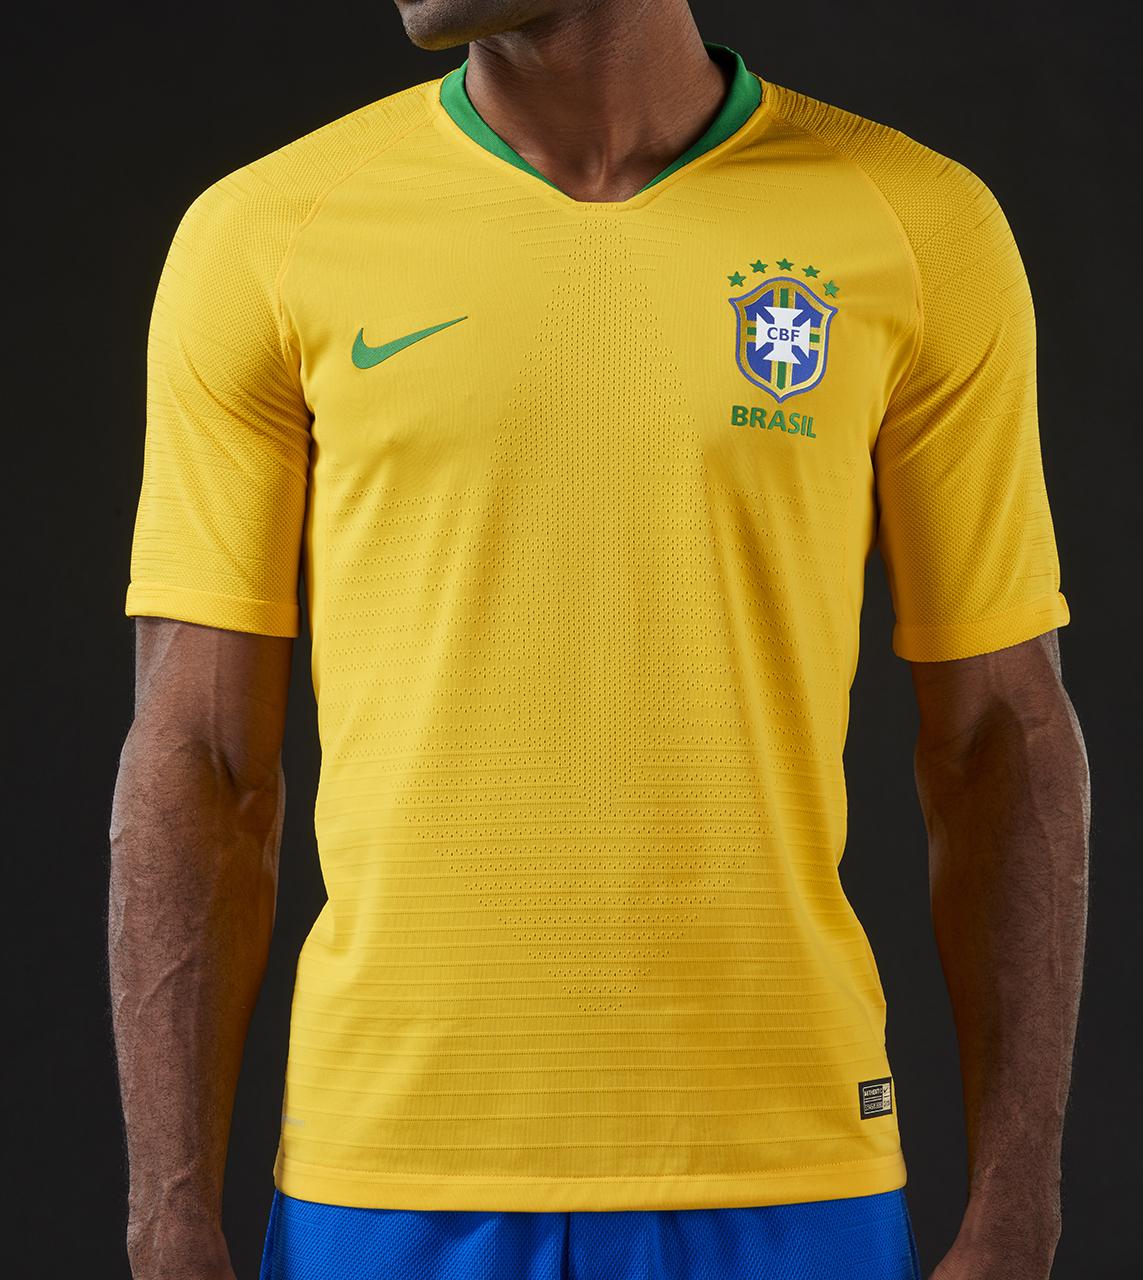 Bresil 2018 maillot domicile foot coupe du monde 2018